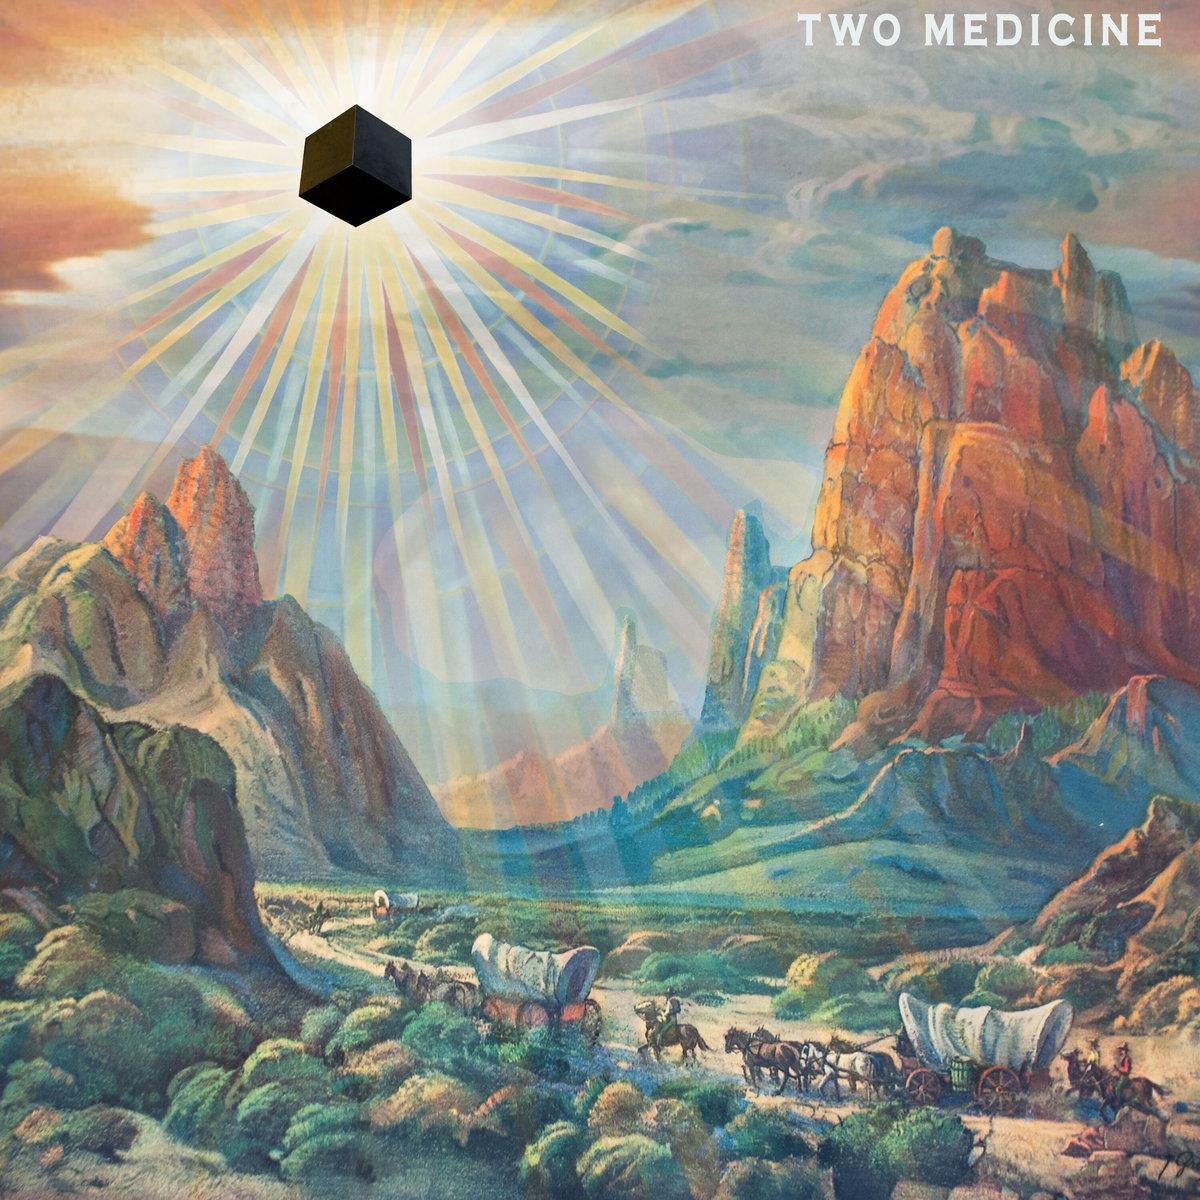 Two Medicine, Astropsychosis